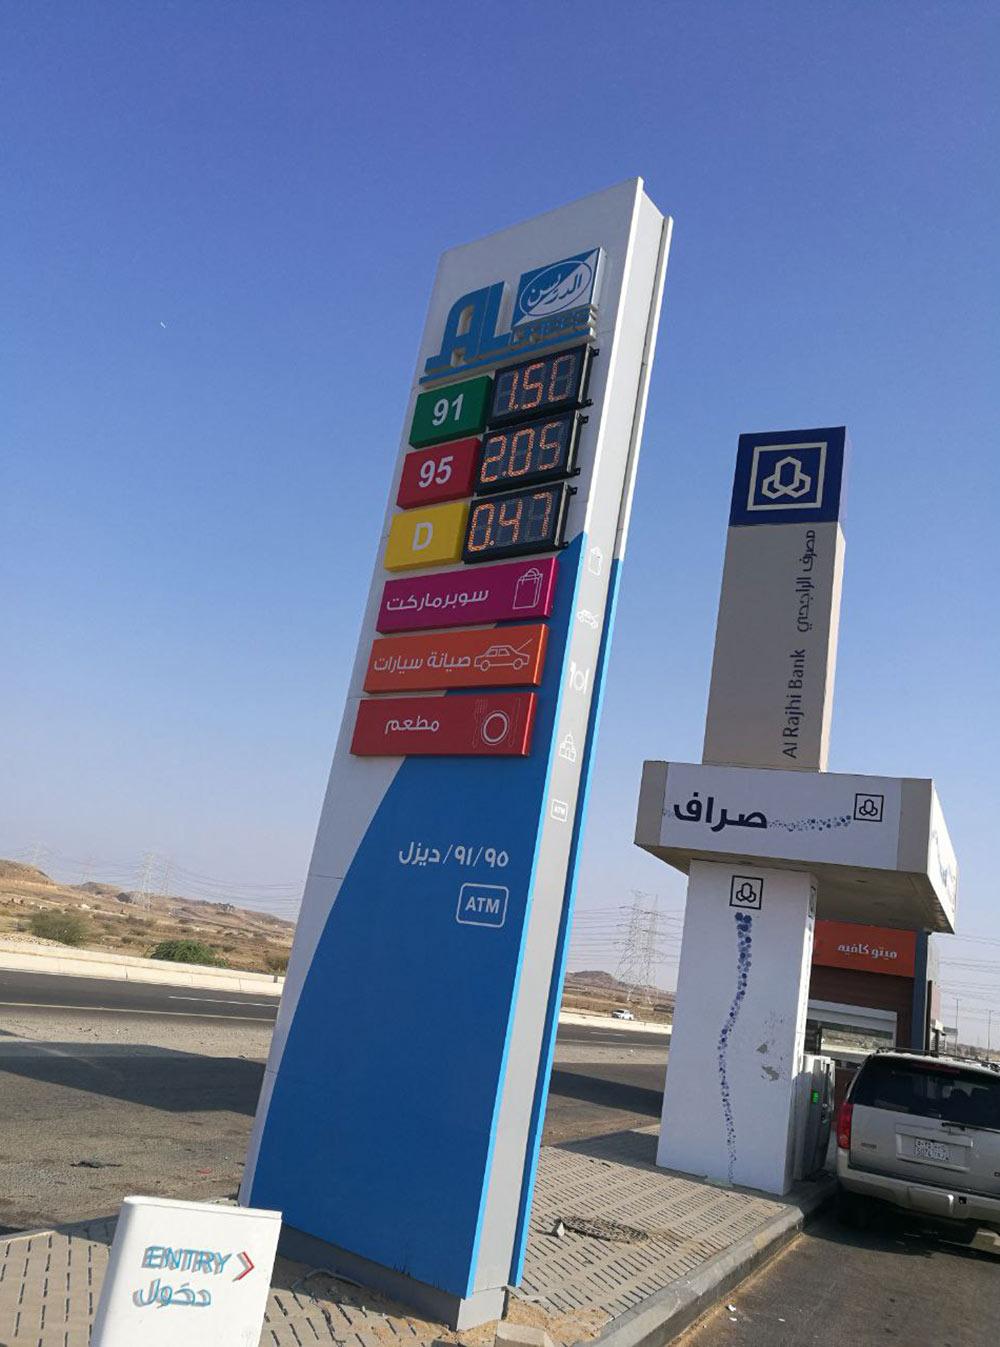 В королевстве на АЗС есть две марки бензина: АИ-95 по 2,05 SR (40<span class=ruble>Р</span>) за литр и АИ-91 по 1,55 SR (30<span class=ruble>Р</span>)